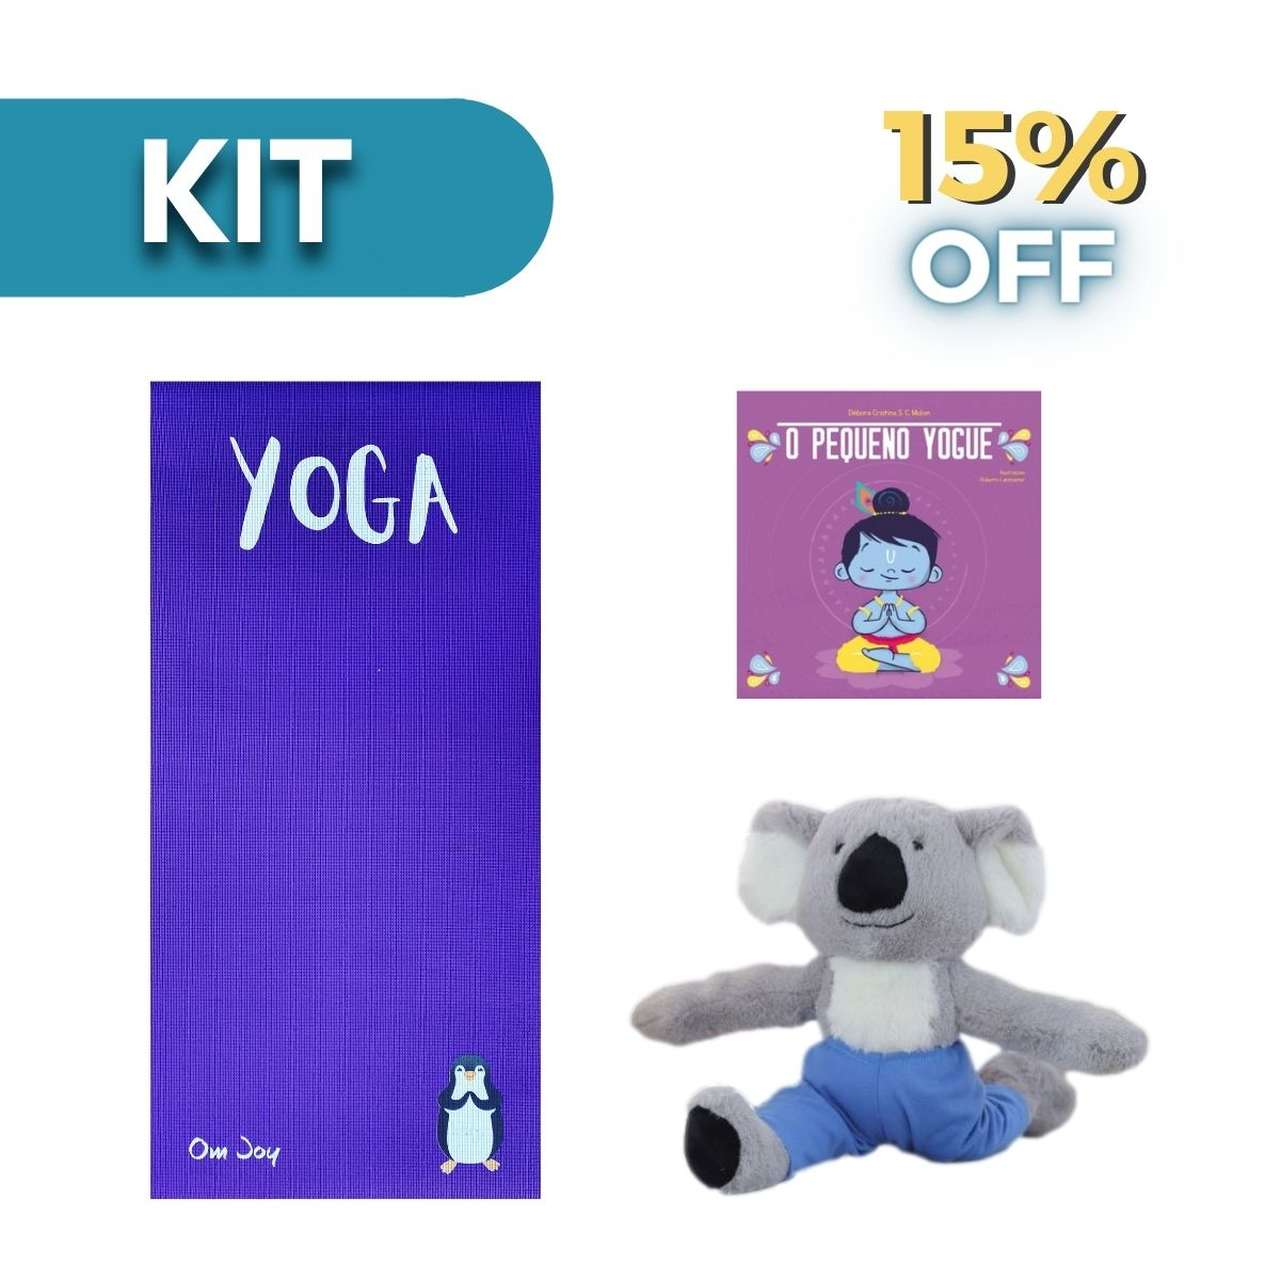 Kit Yoga Kids - Tapete Kids estampado + Coala Yogue + Livro O Pequeno Yogue